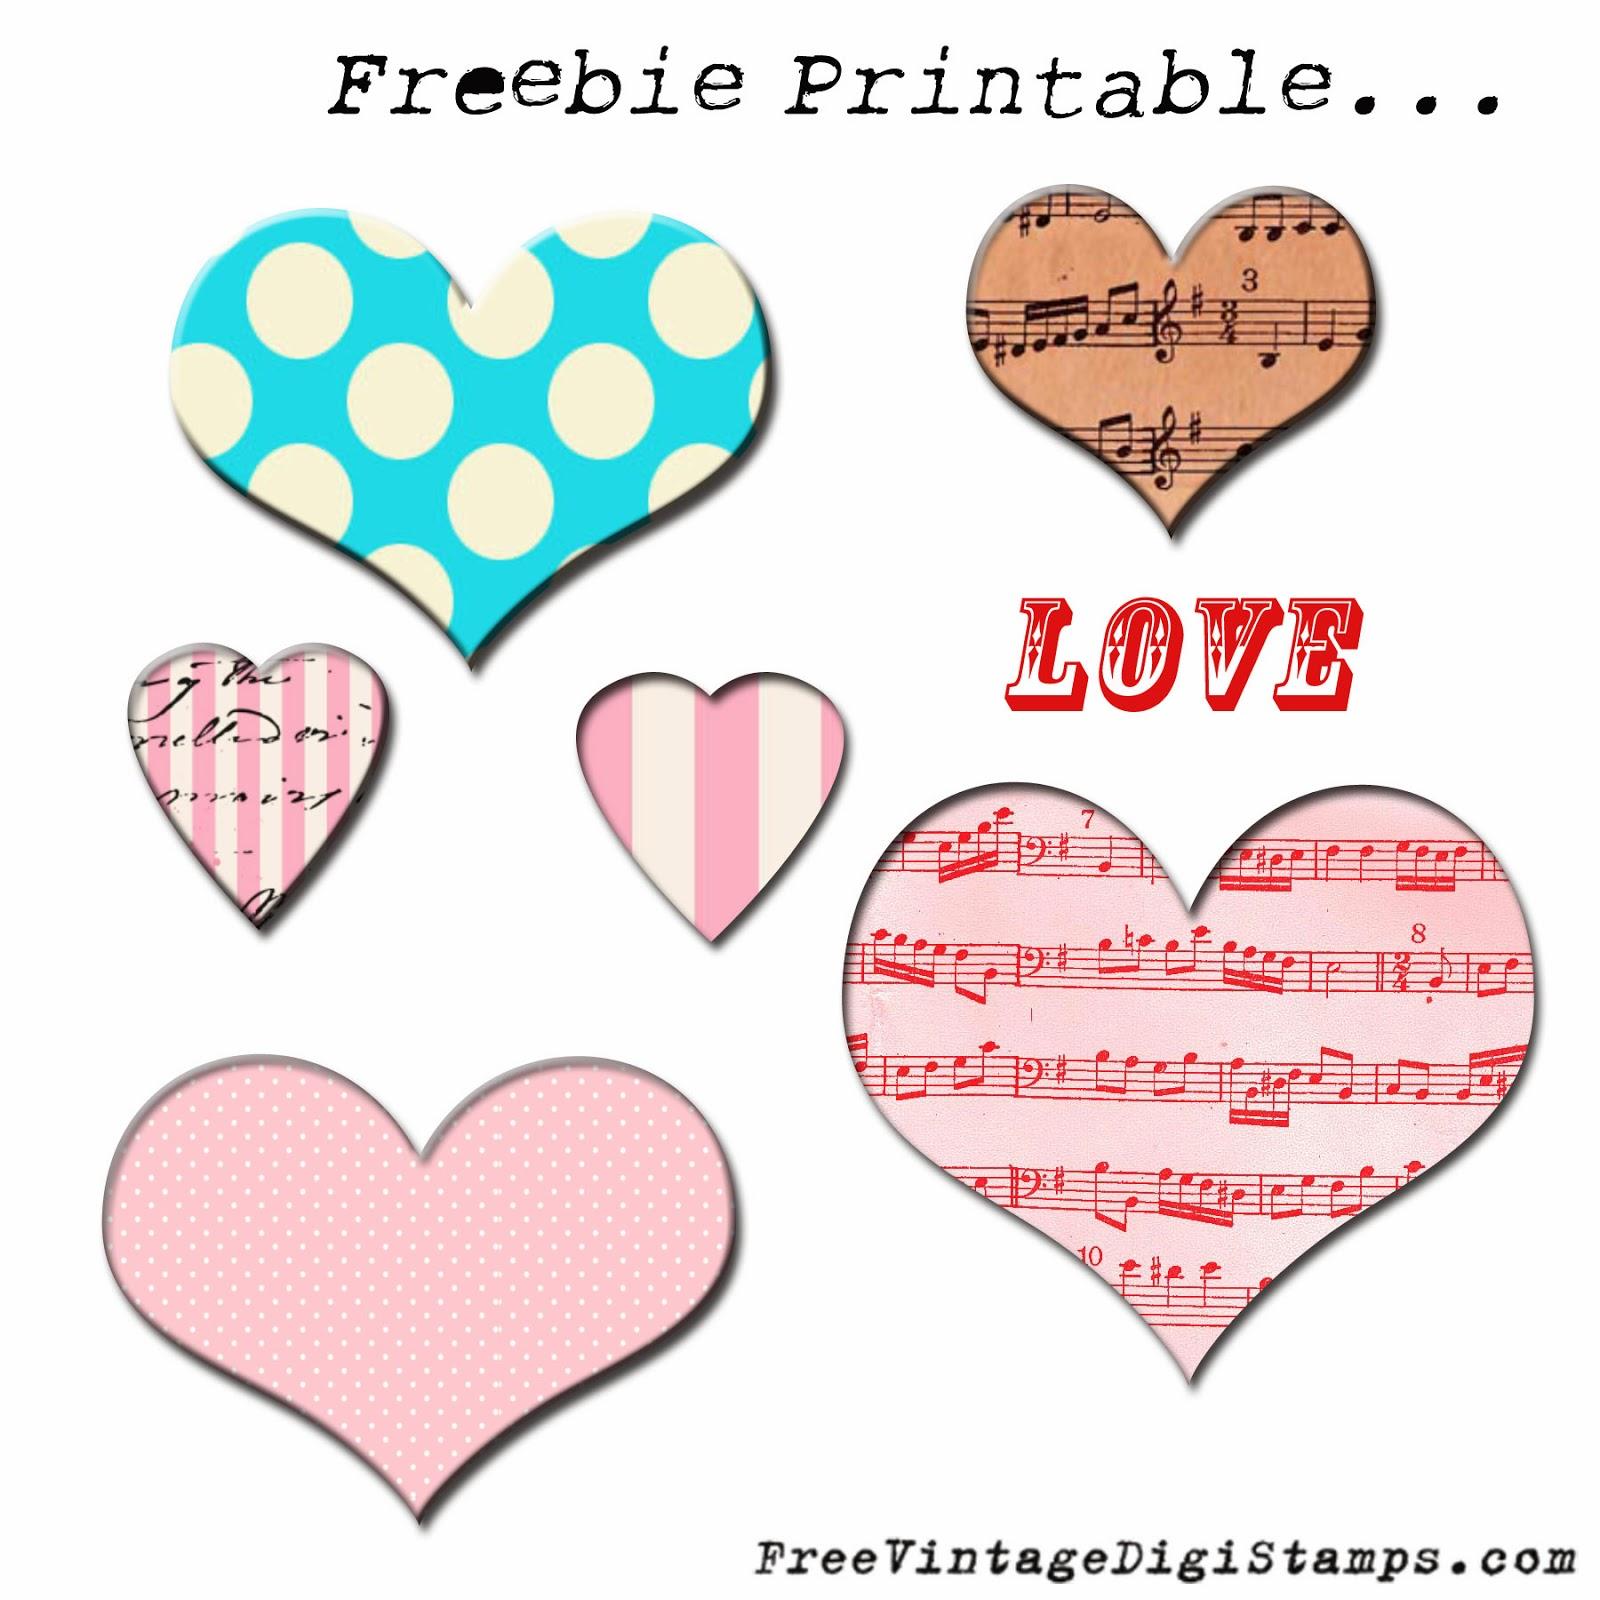 free vintage digital stamps freebie printable hearts